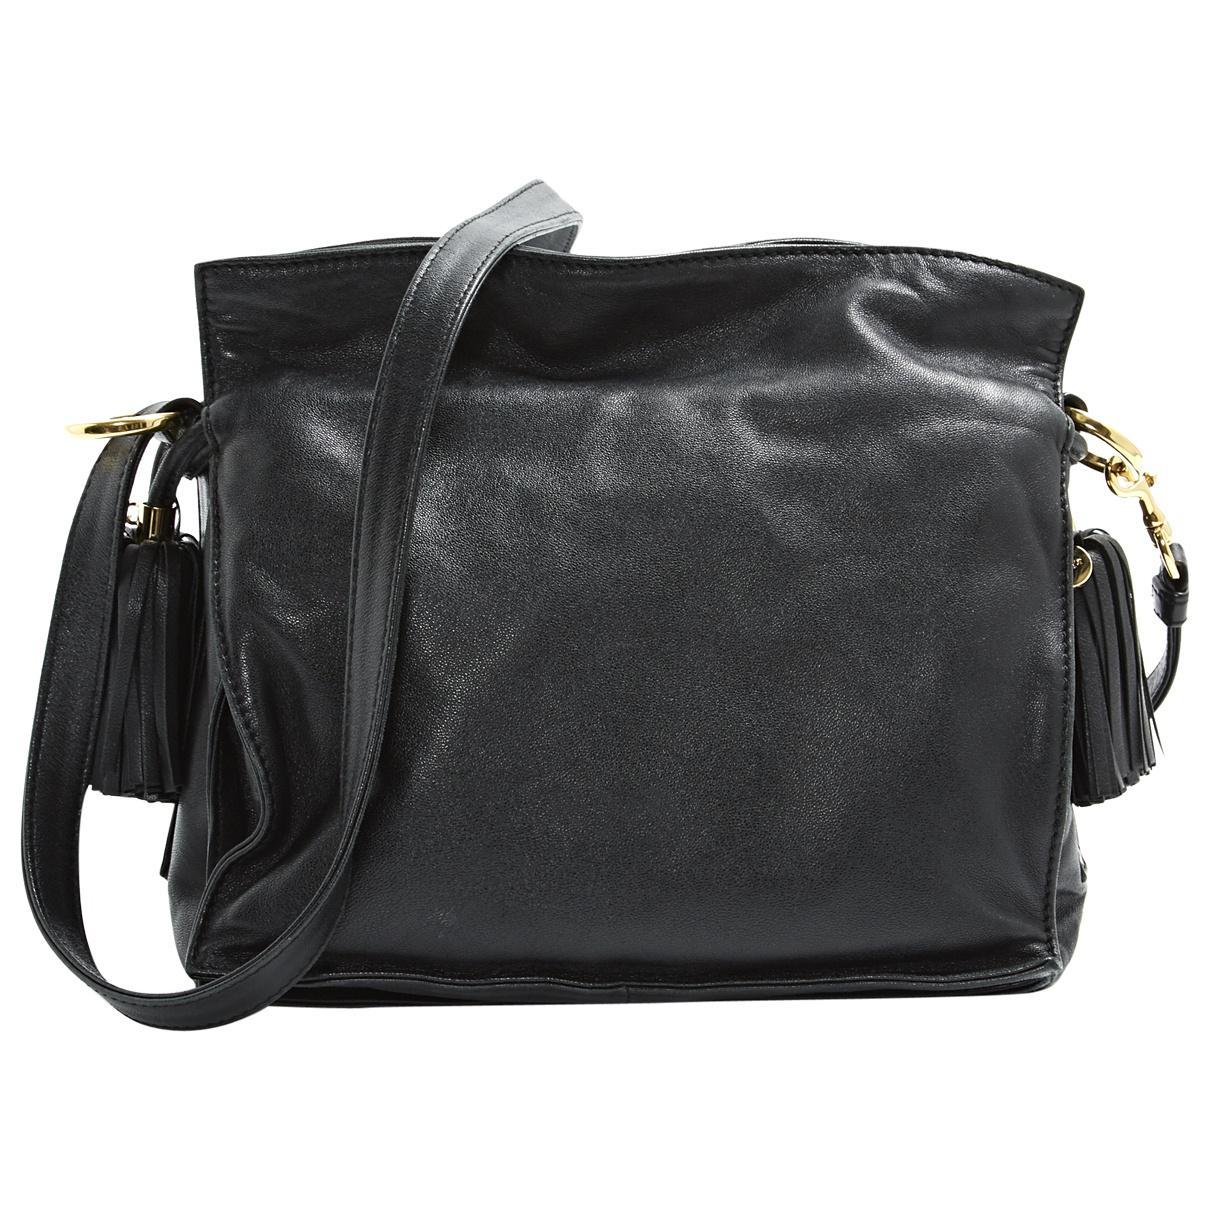 eba55127947 Loewe Leather Handbag in Black - Lyst